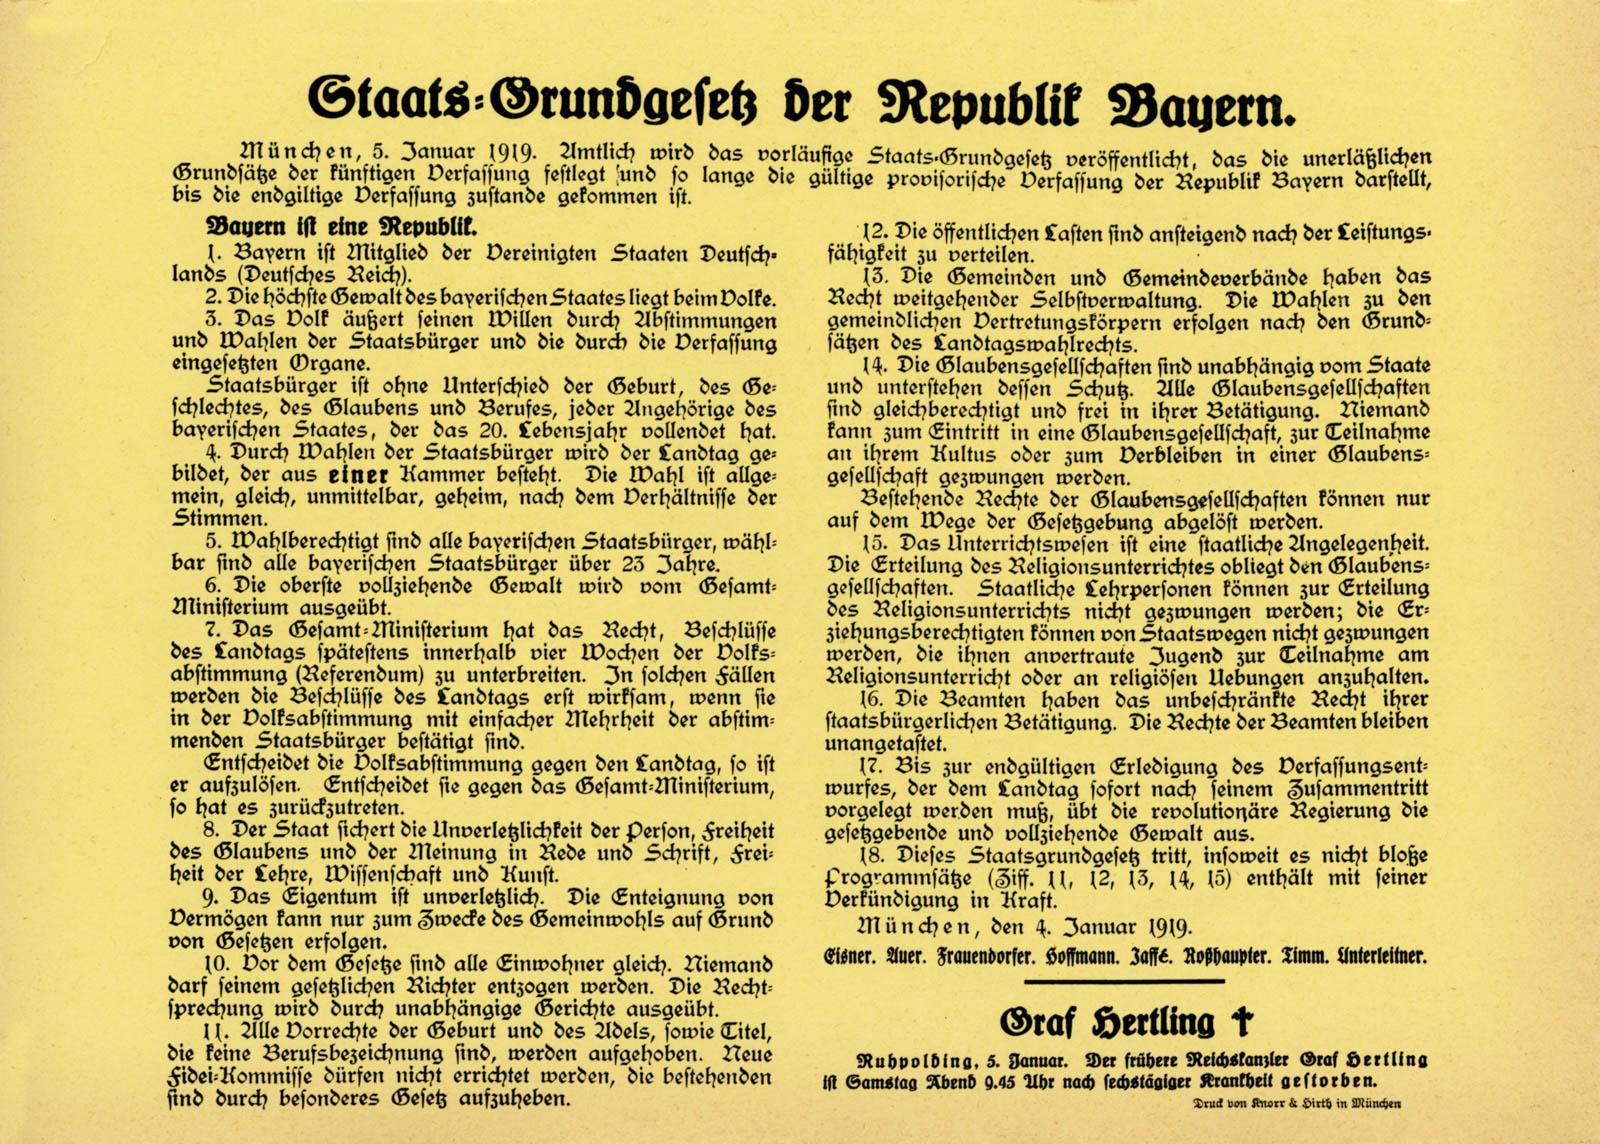 Staats-Grundgesetz der Republik Bayern